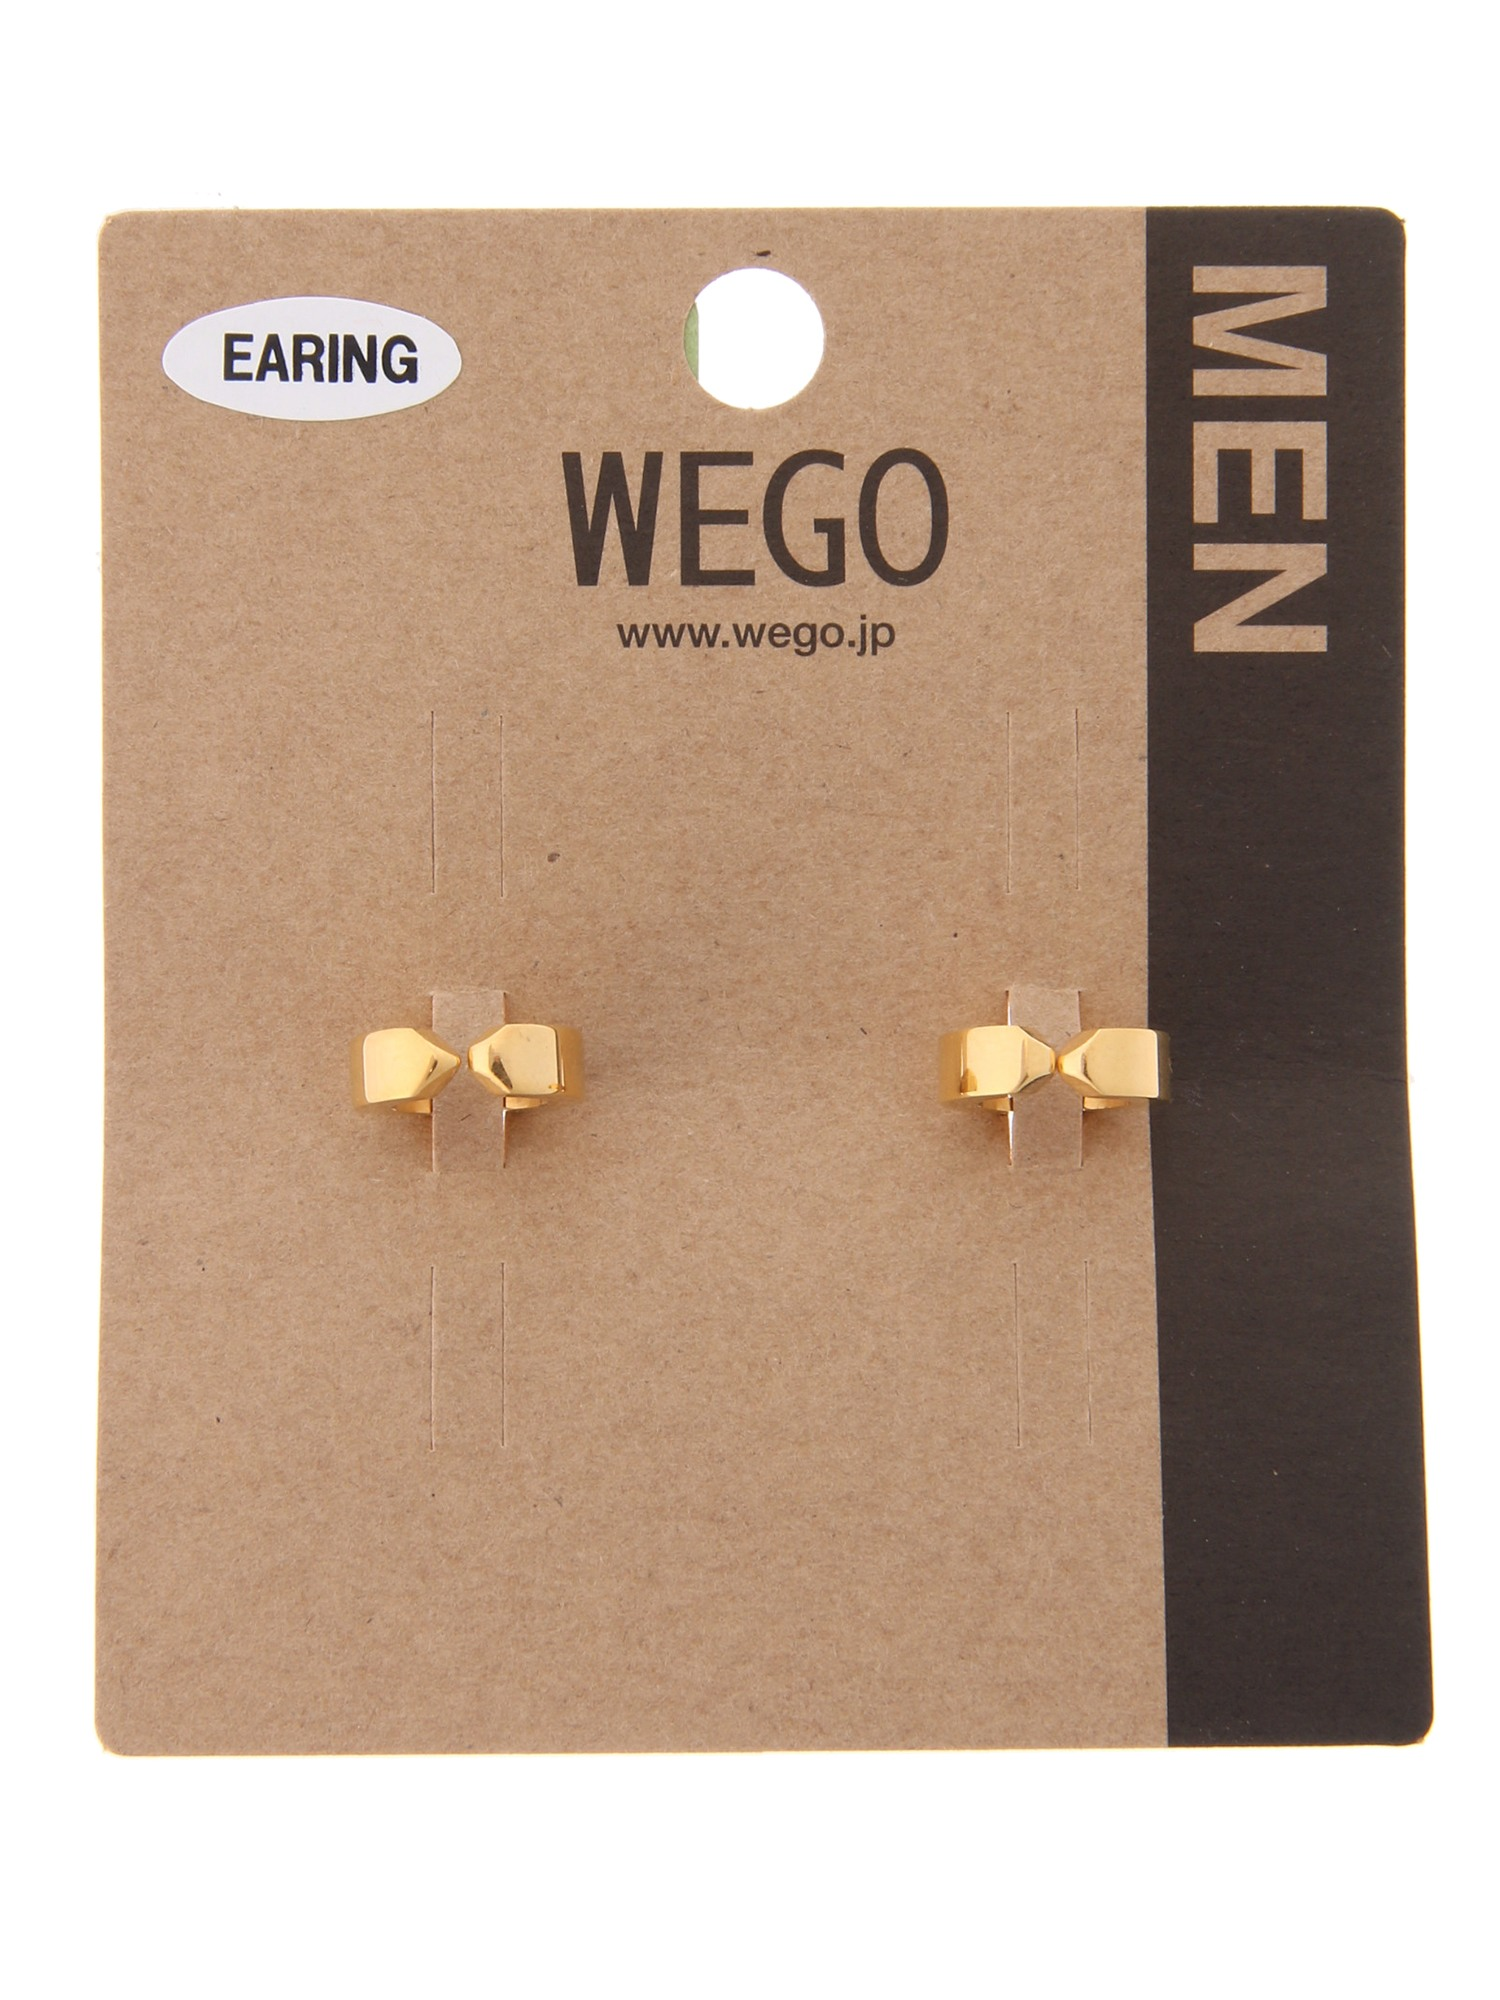 WEGO/ステンレスイヤリング